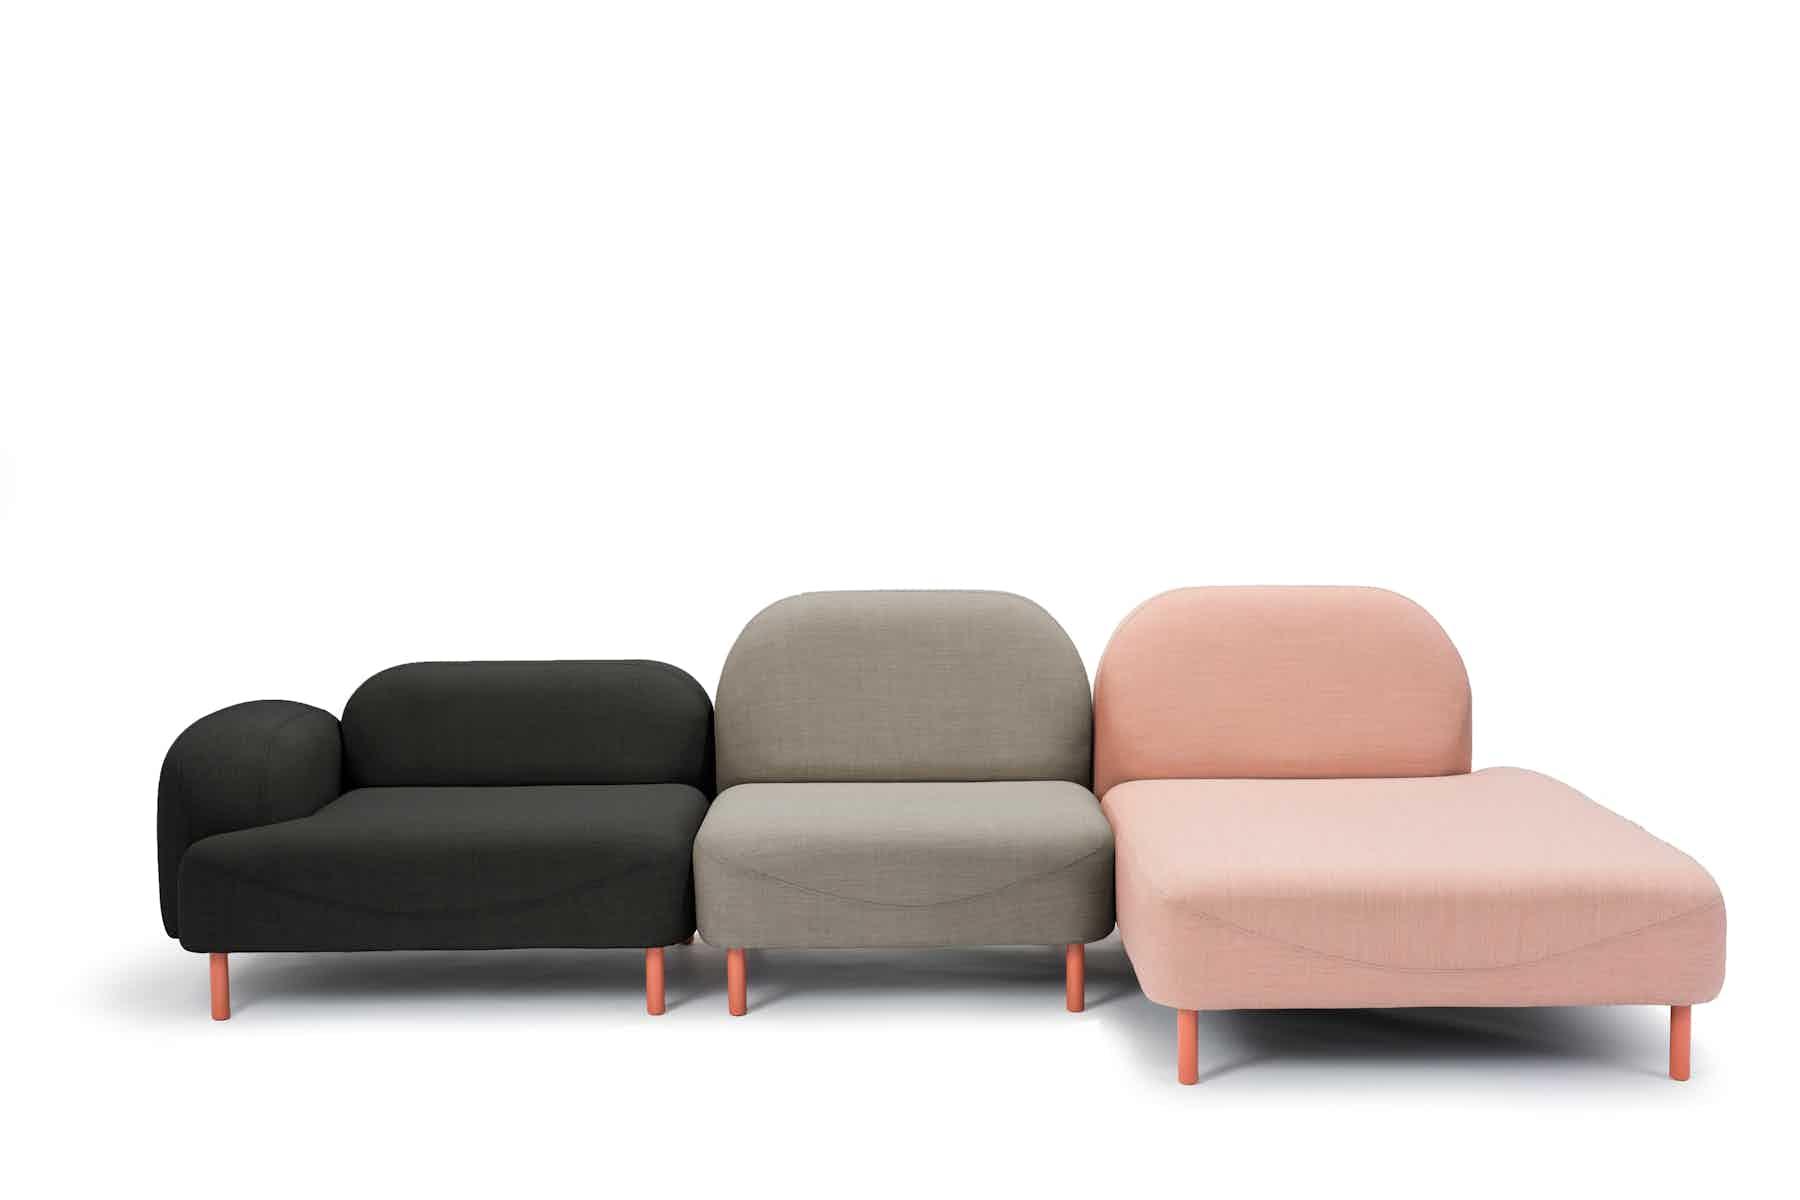 Deadgood-scafell-modular-sofa-neutral-pink-haute-living